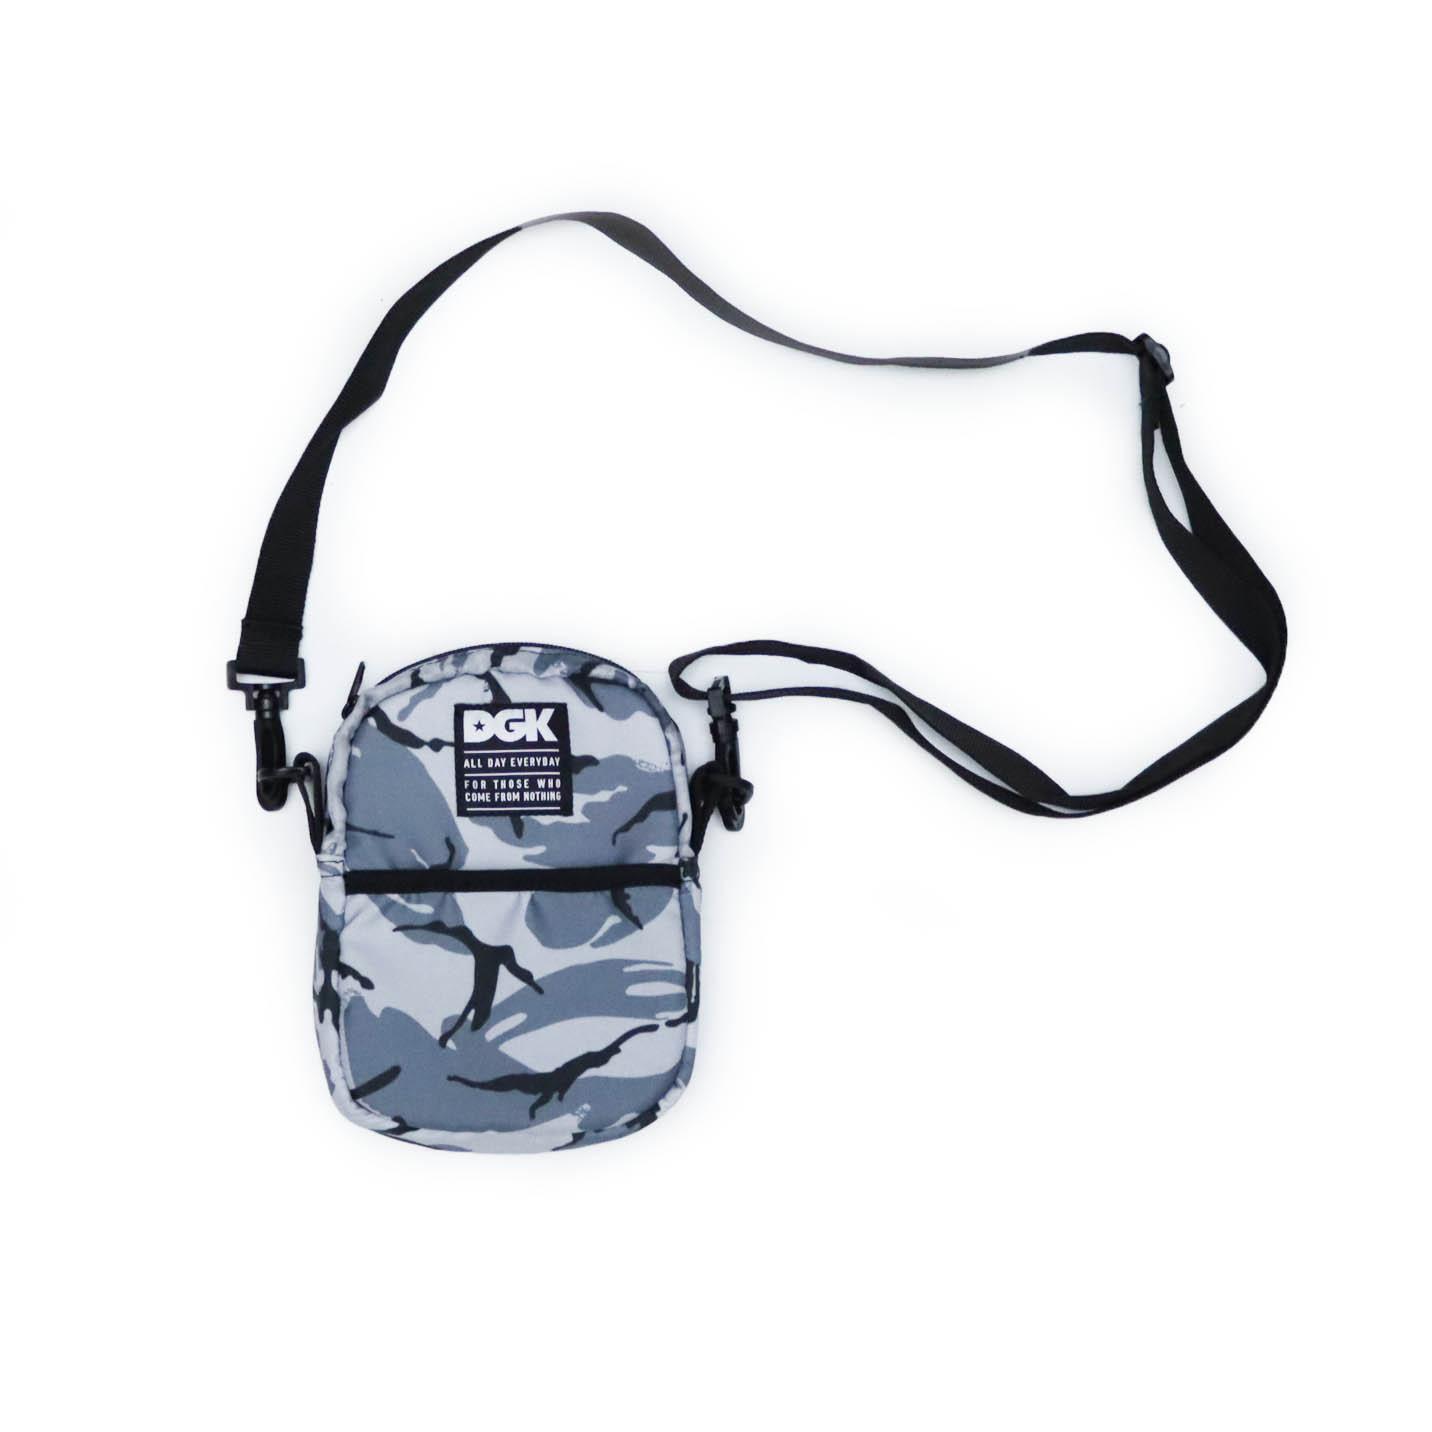 Shoulder Bag DGK Disrupt - Camuflado Cinza